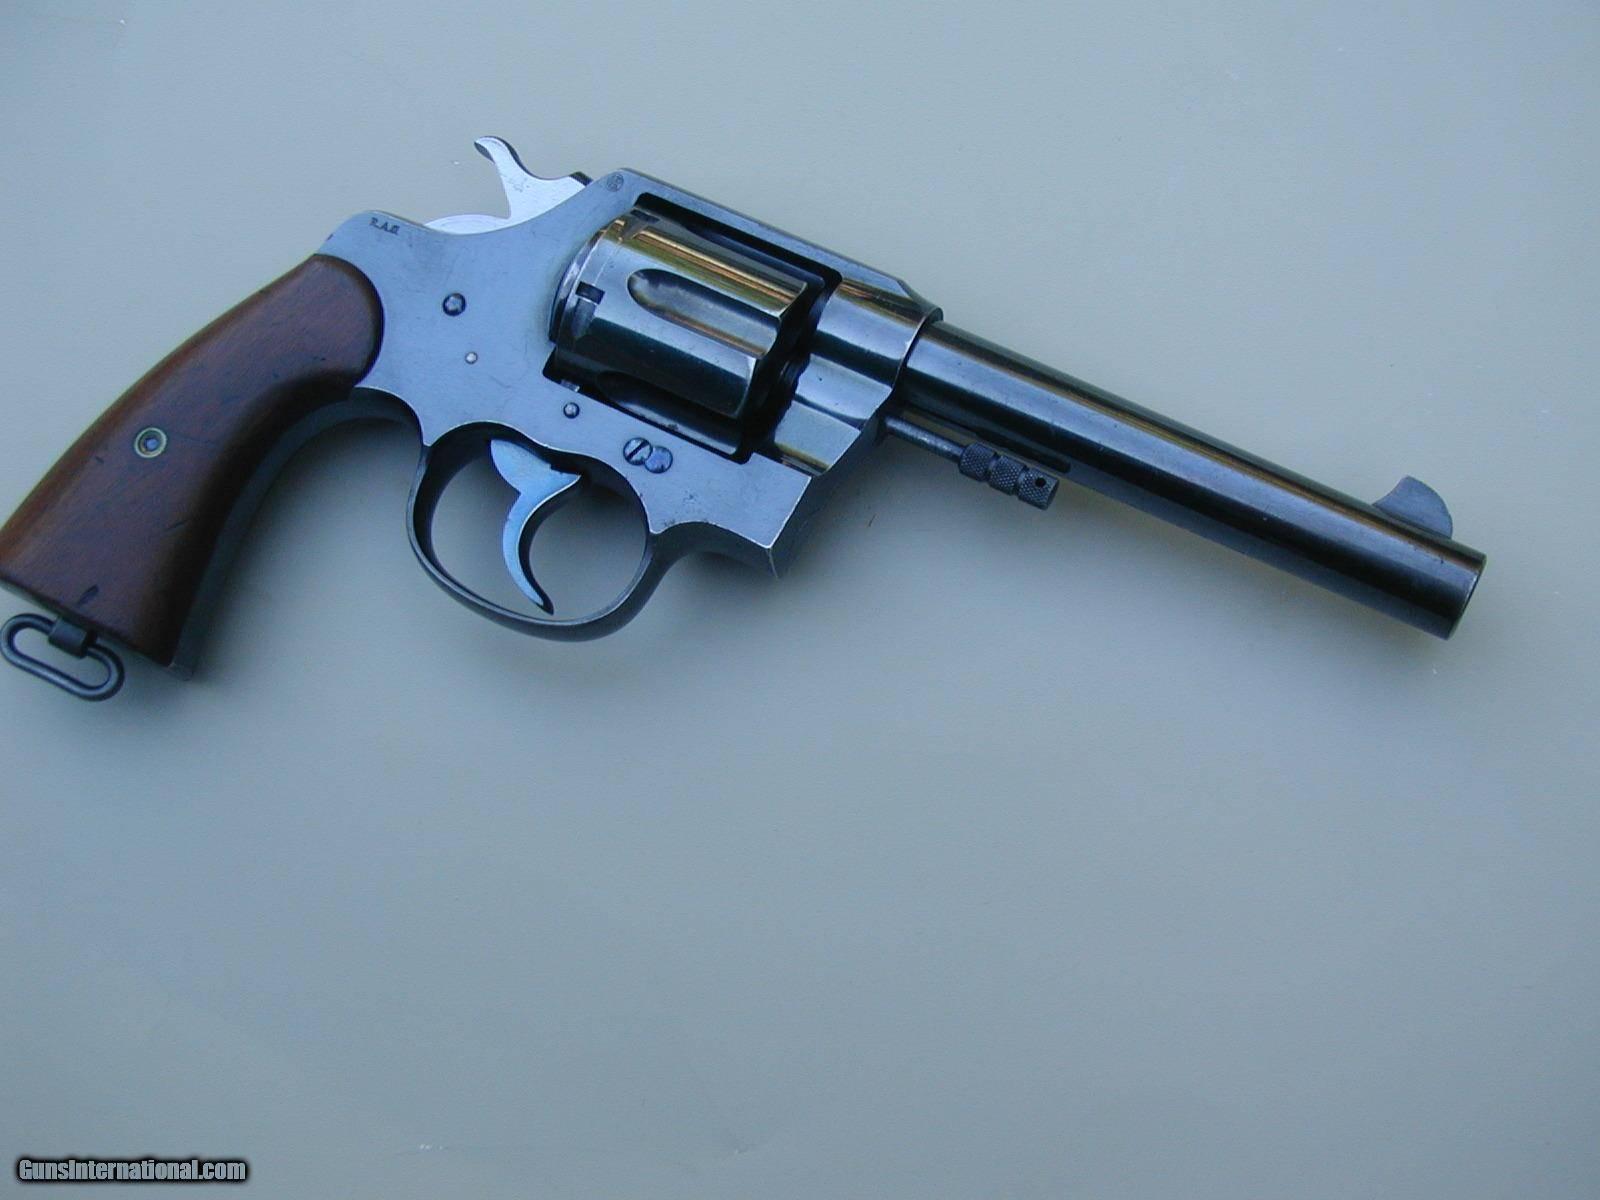 Colt model 1910 - colt model 1910 - qwe.wiki